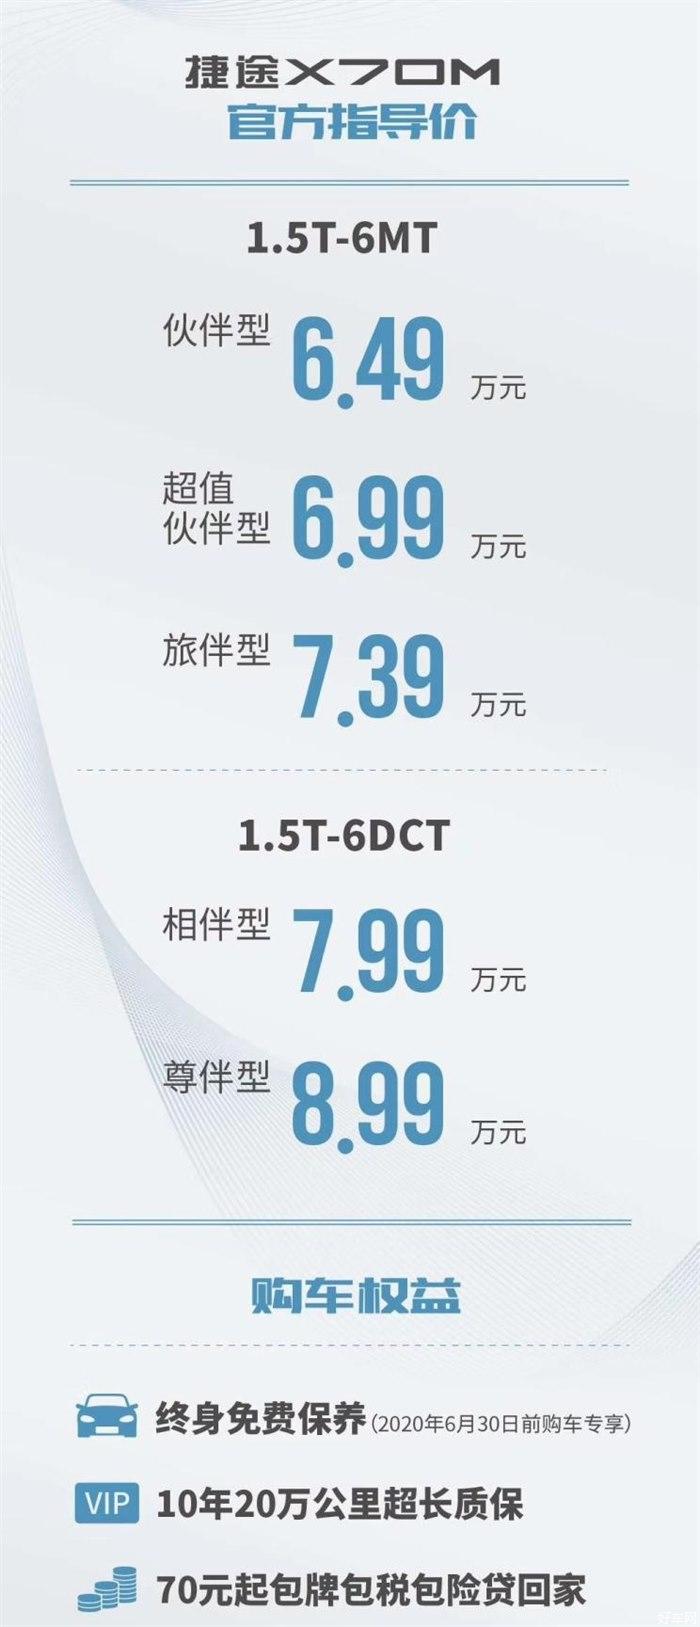 捷途X70M正式上市 售價6.49-8.99萬元